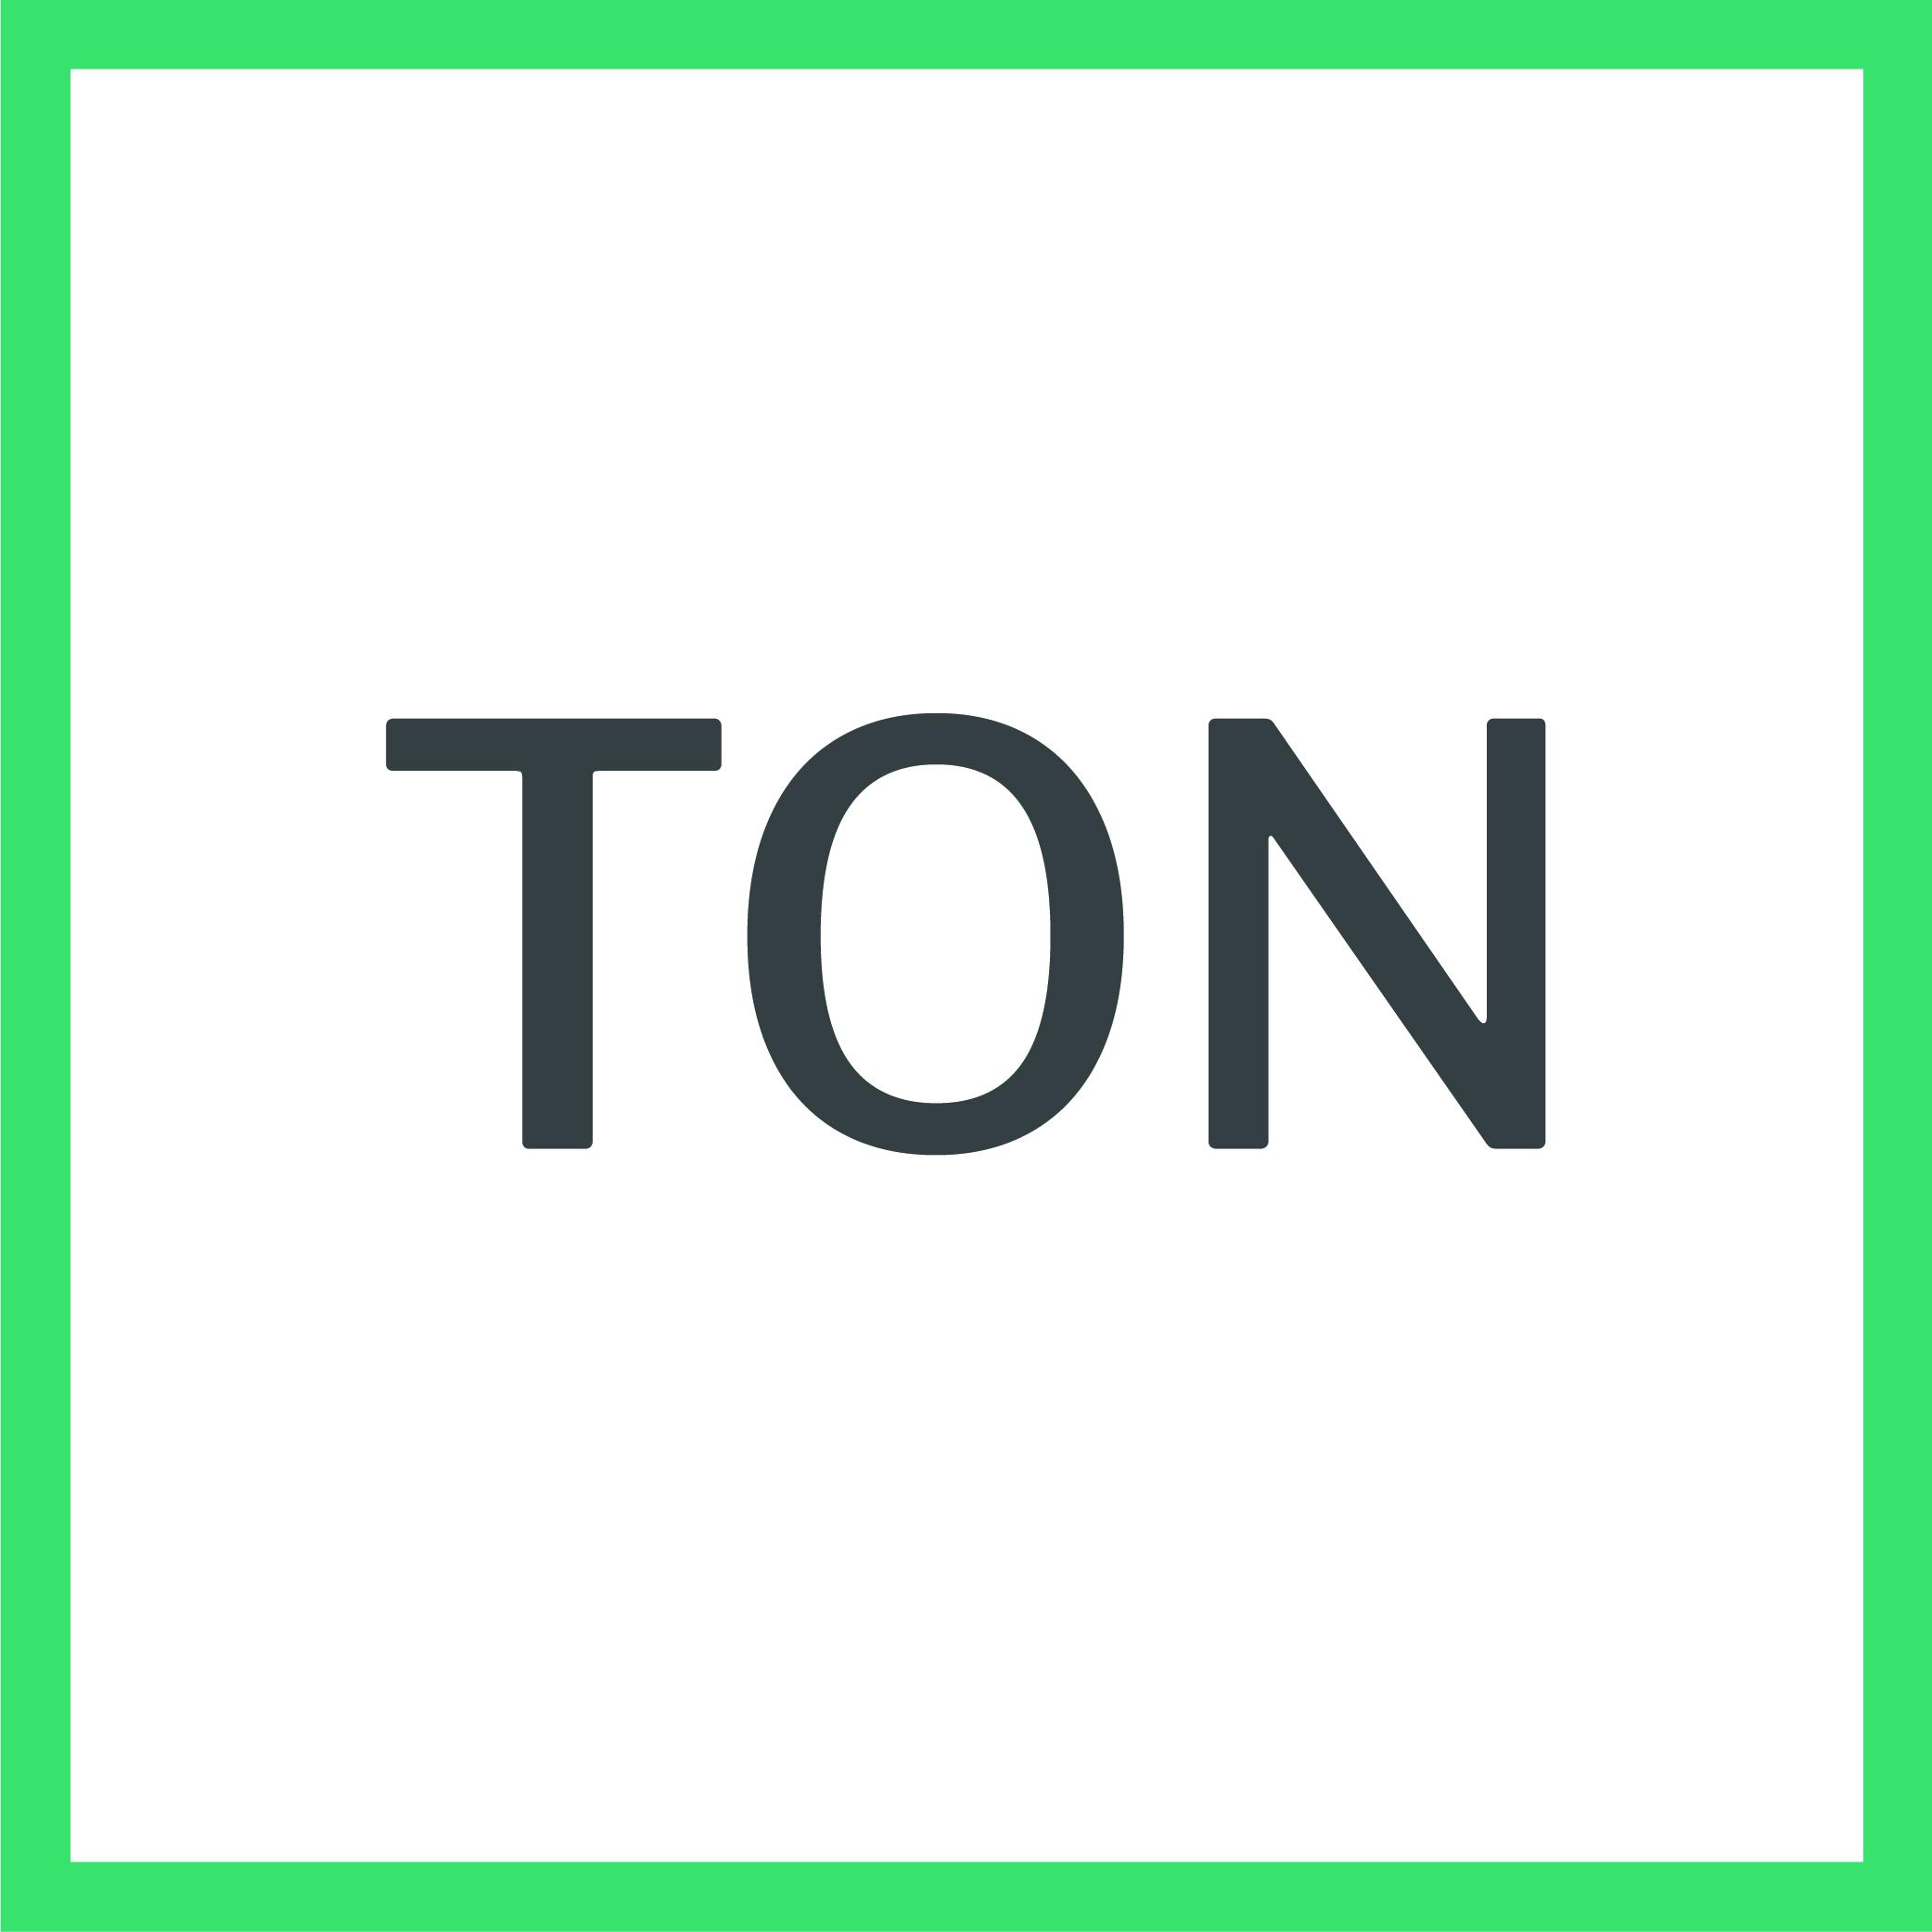 :ton: